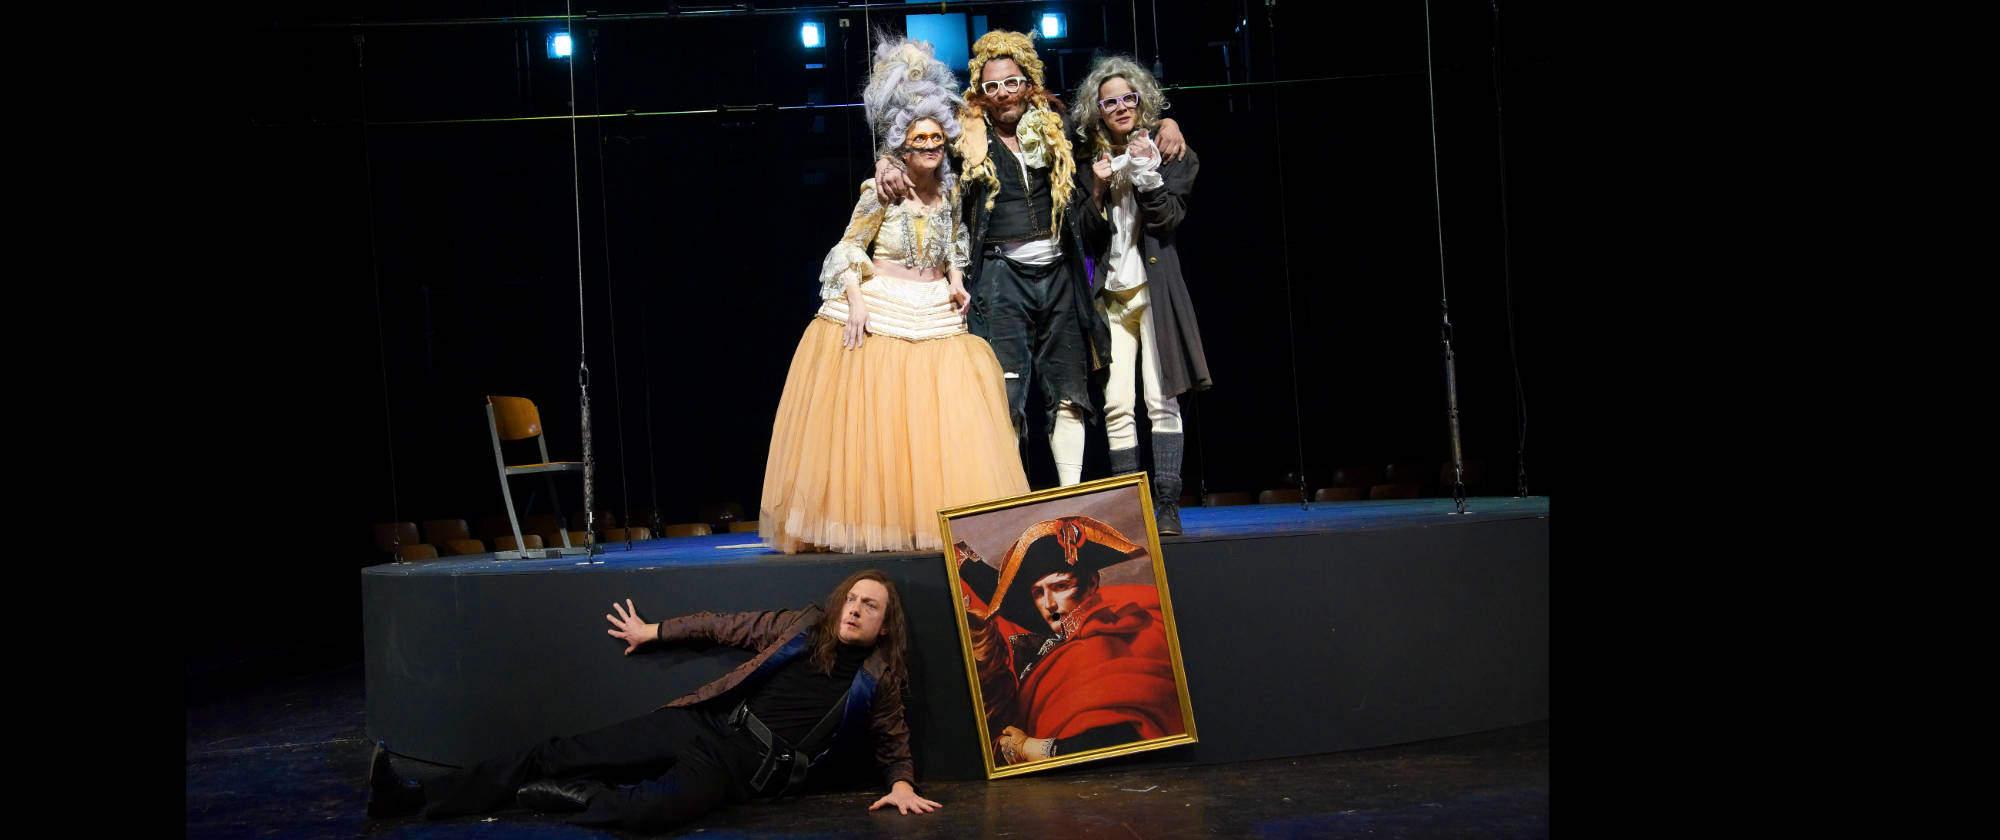 012-DIE-ELENDEN-nach-Victor-Hugo-Les-Miserables-von-Malte-Kreutzfeldt-Regie-c-photo-Olaf-Struck-Theater-Schauspielhaus-Kiel-2019